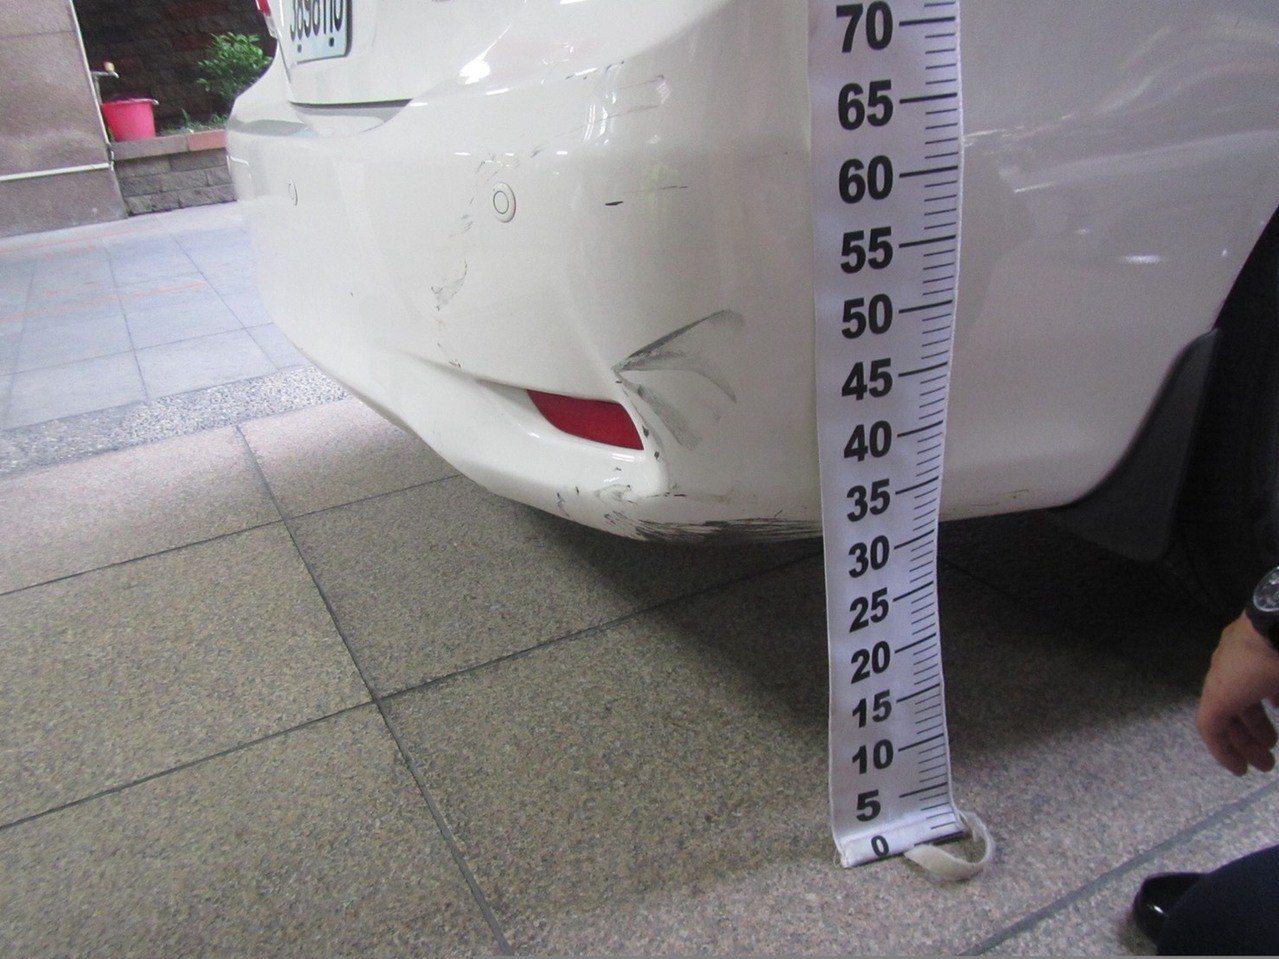 台中市陳姓女子6日下午開車撞到騎車的鄧姓男子,隨後開車離開,全案今依肇事逃逸、過...